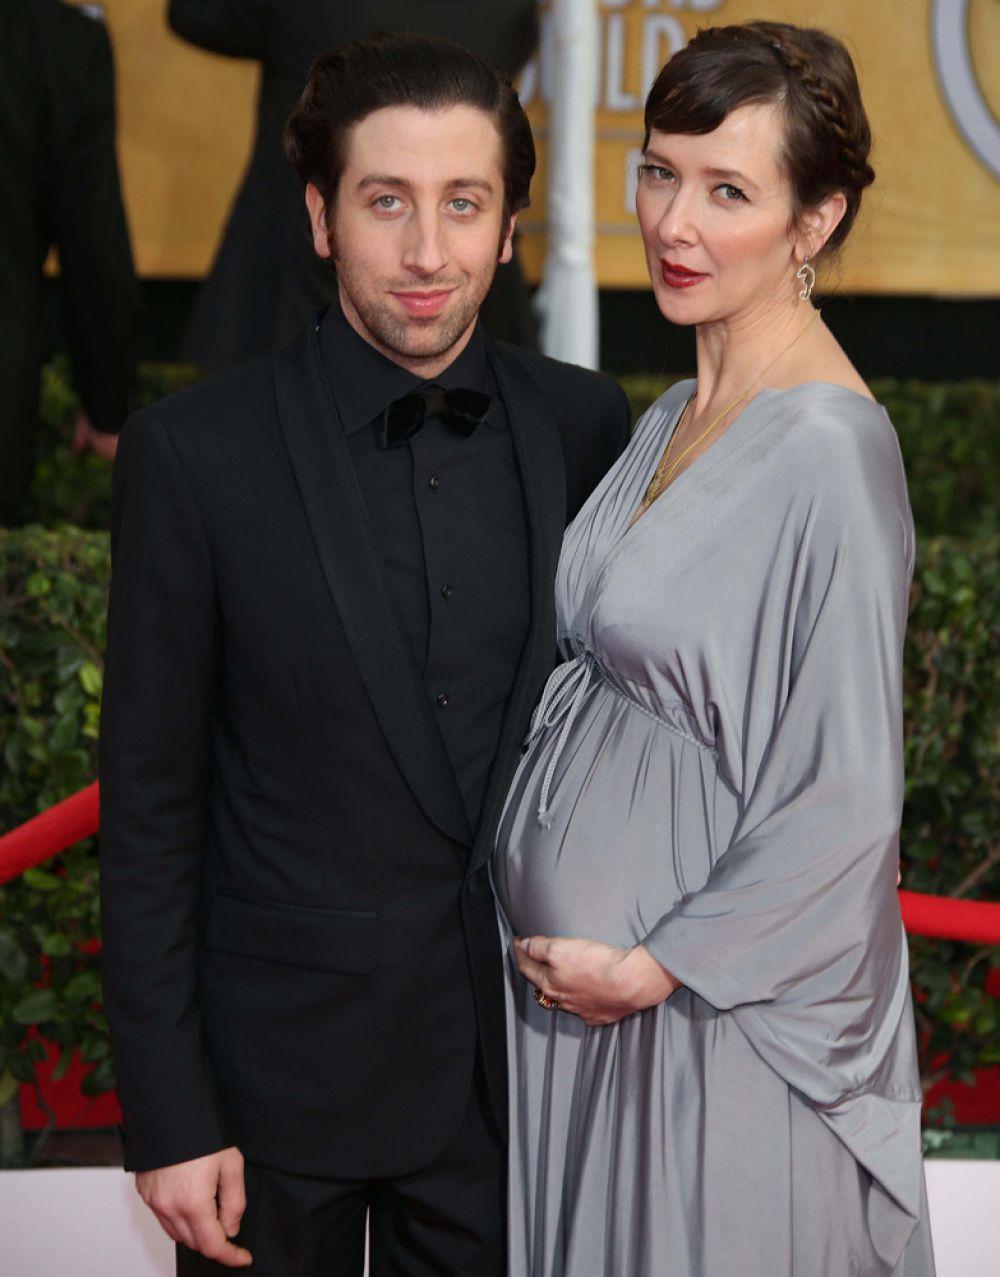 Актер из популярнейшего ситкома «Теория Большого Взрыва» Саймон Хелберг в апреле стал отцом во второй раз. Его жена Джоселин родила сына. Малыша назвали Уайлдер.